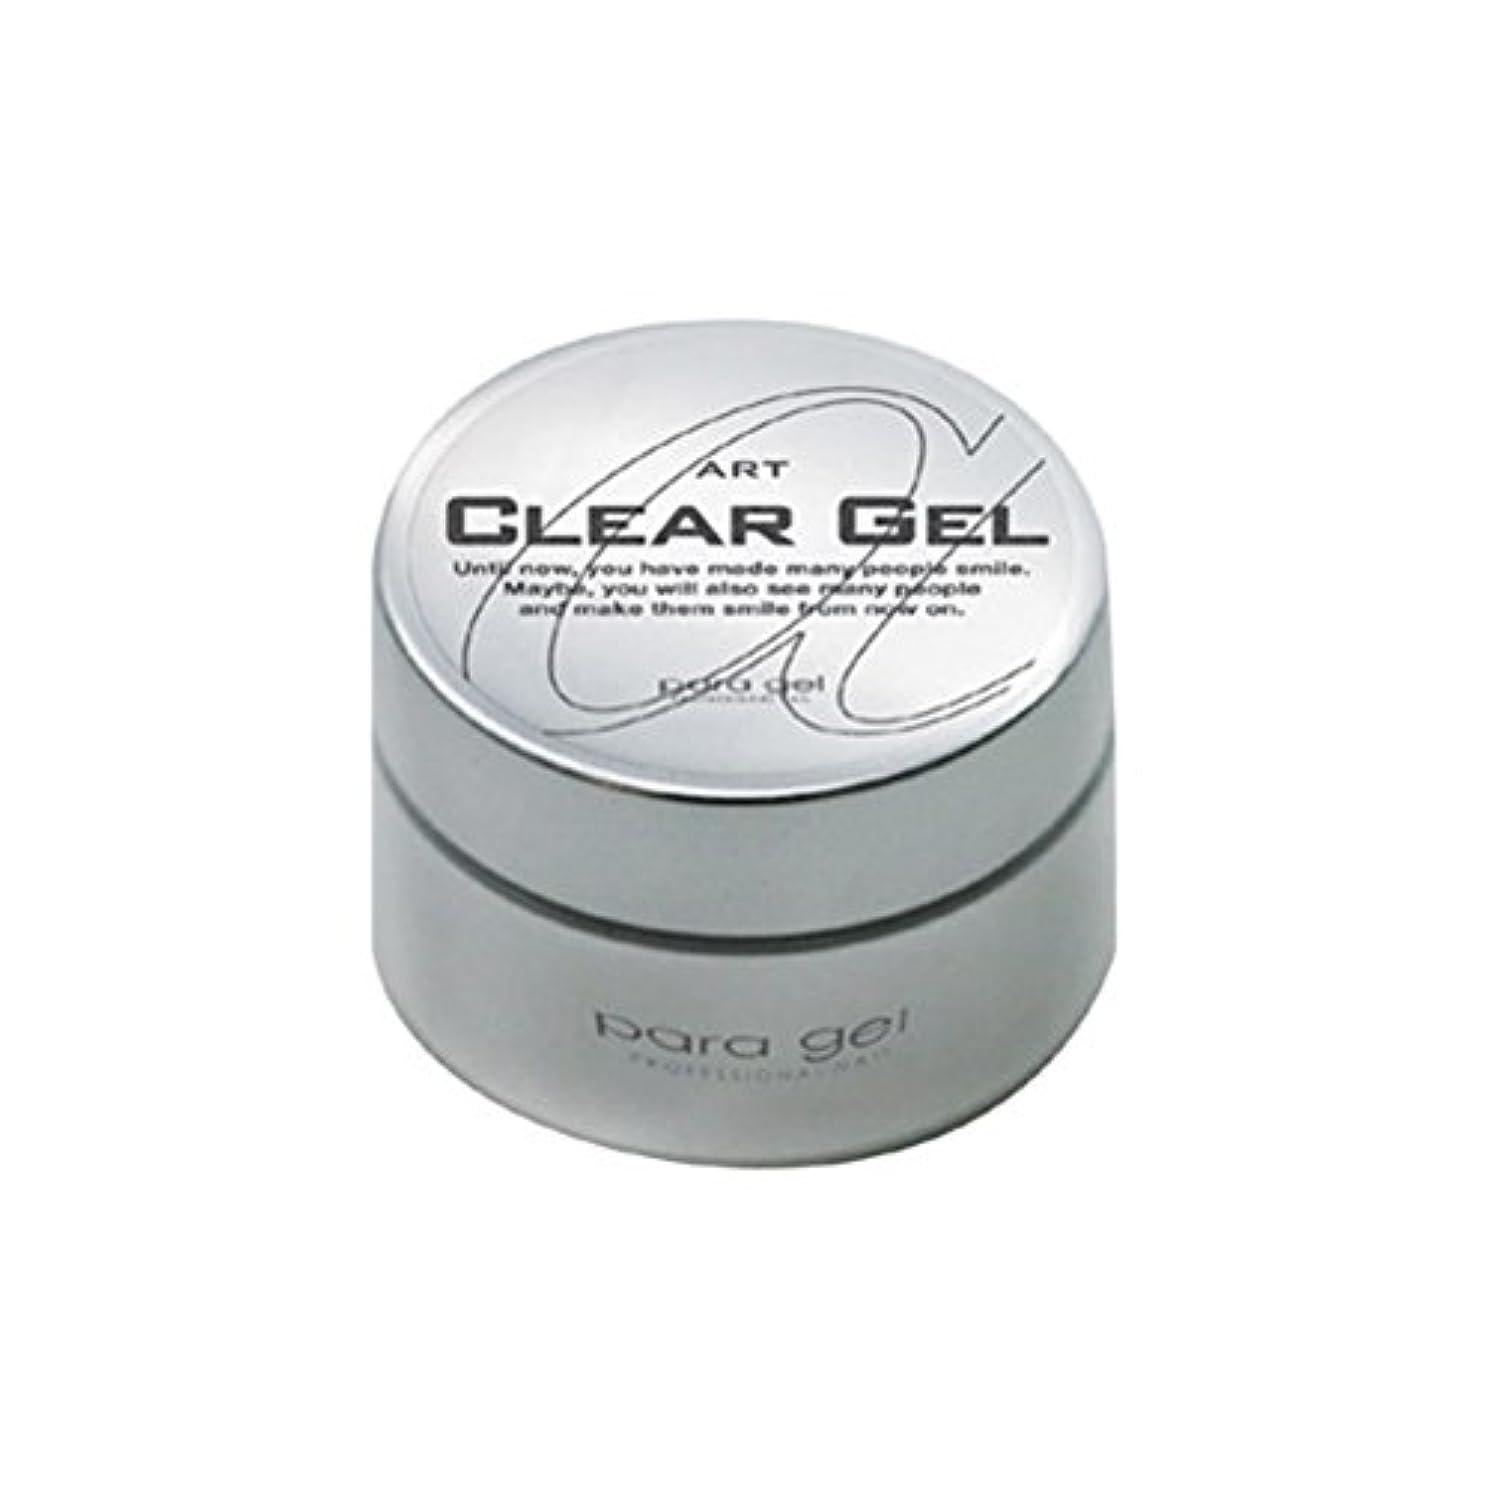 ファイター結果としてはげpara gel アートクリアジェル 10g サンディング不要のベースジェル